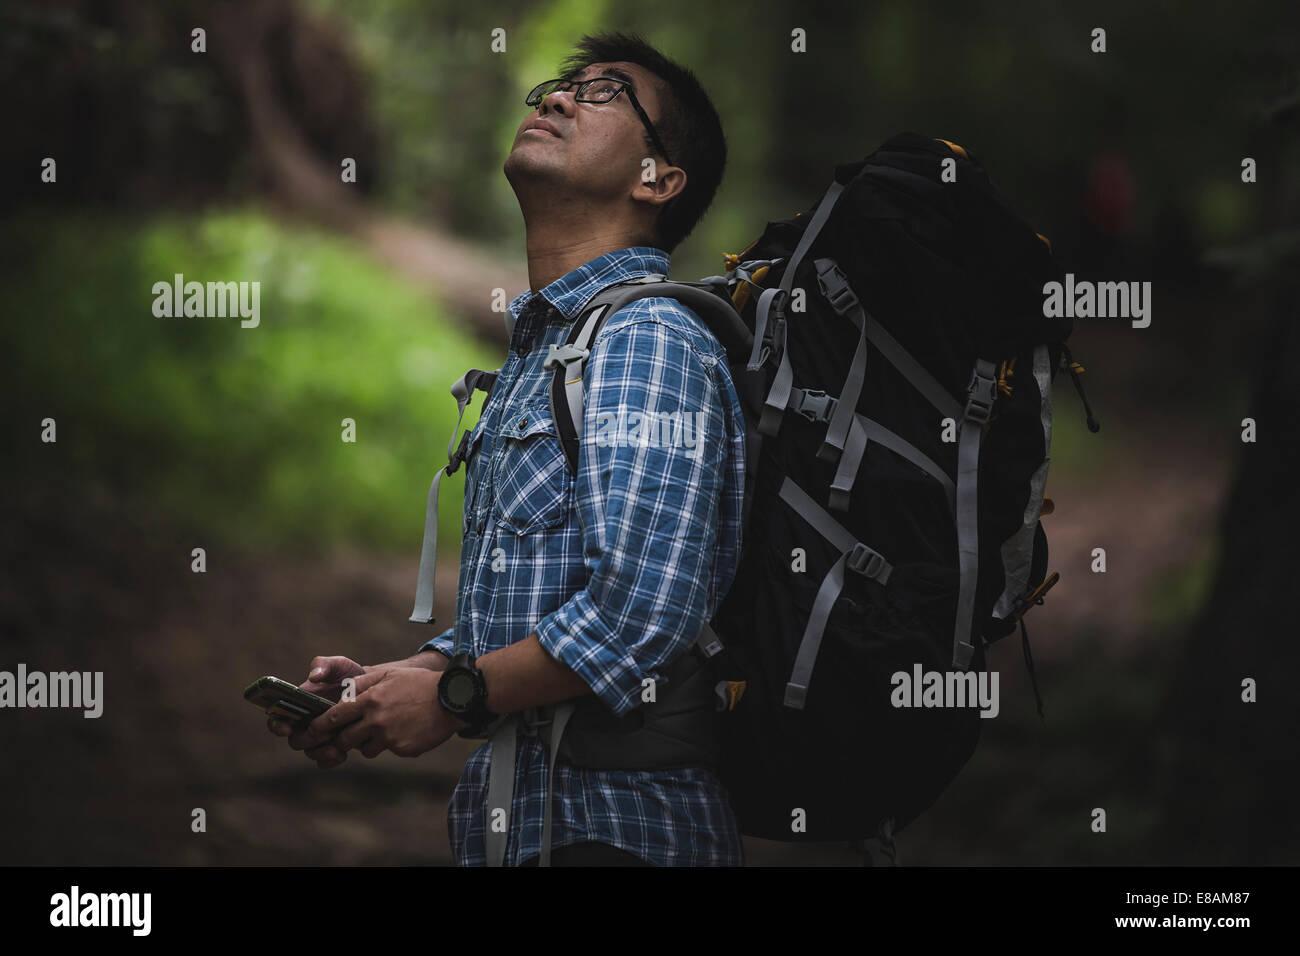 Excursionista con mochila y un teléfono inteligente, mirando hacia arriba Imagen De Stock